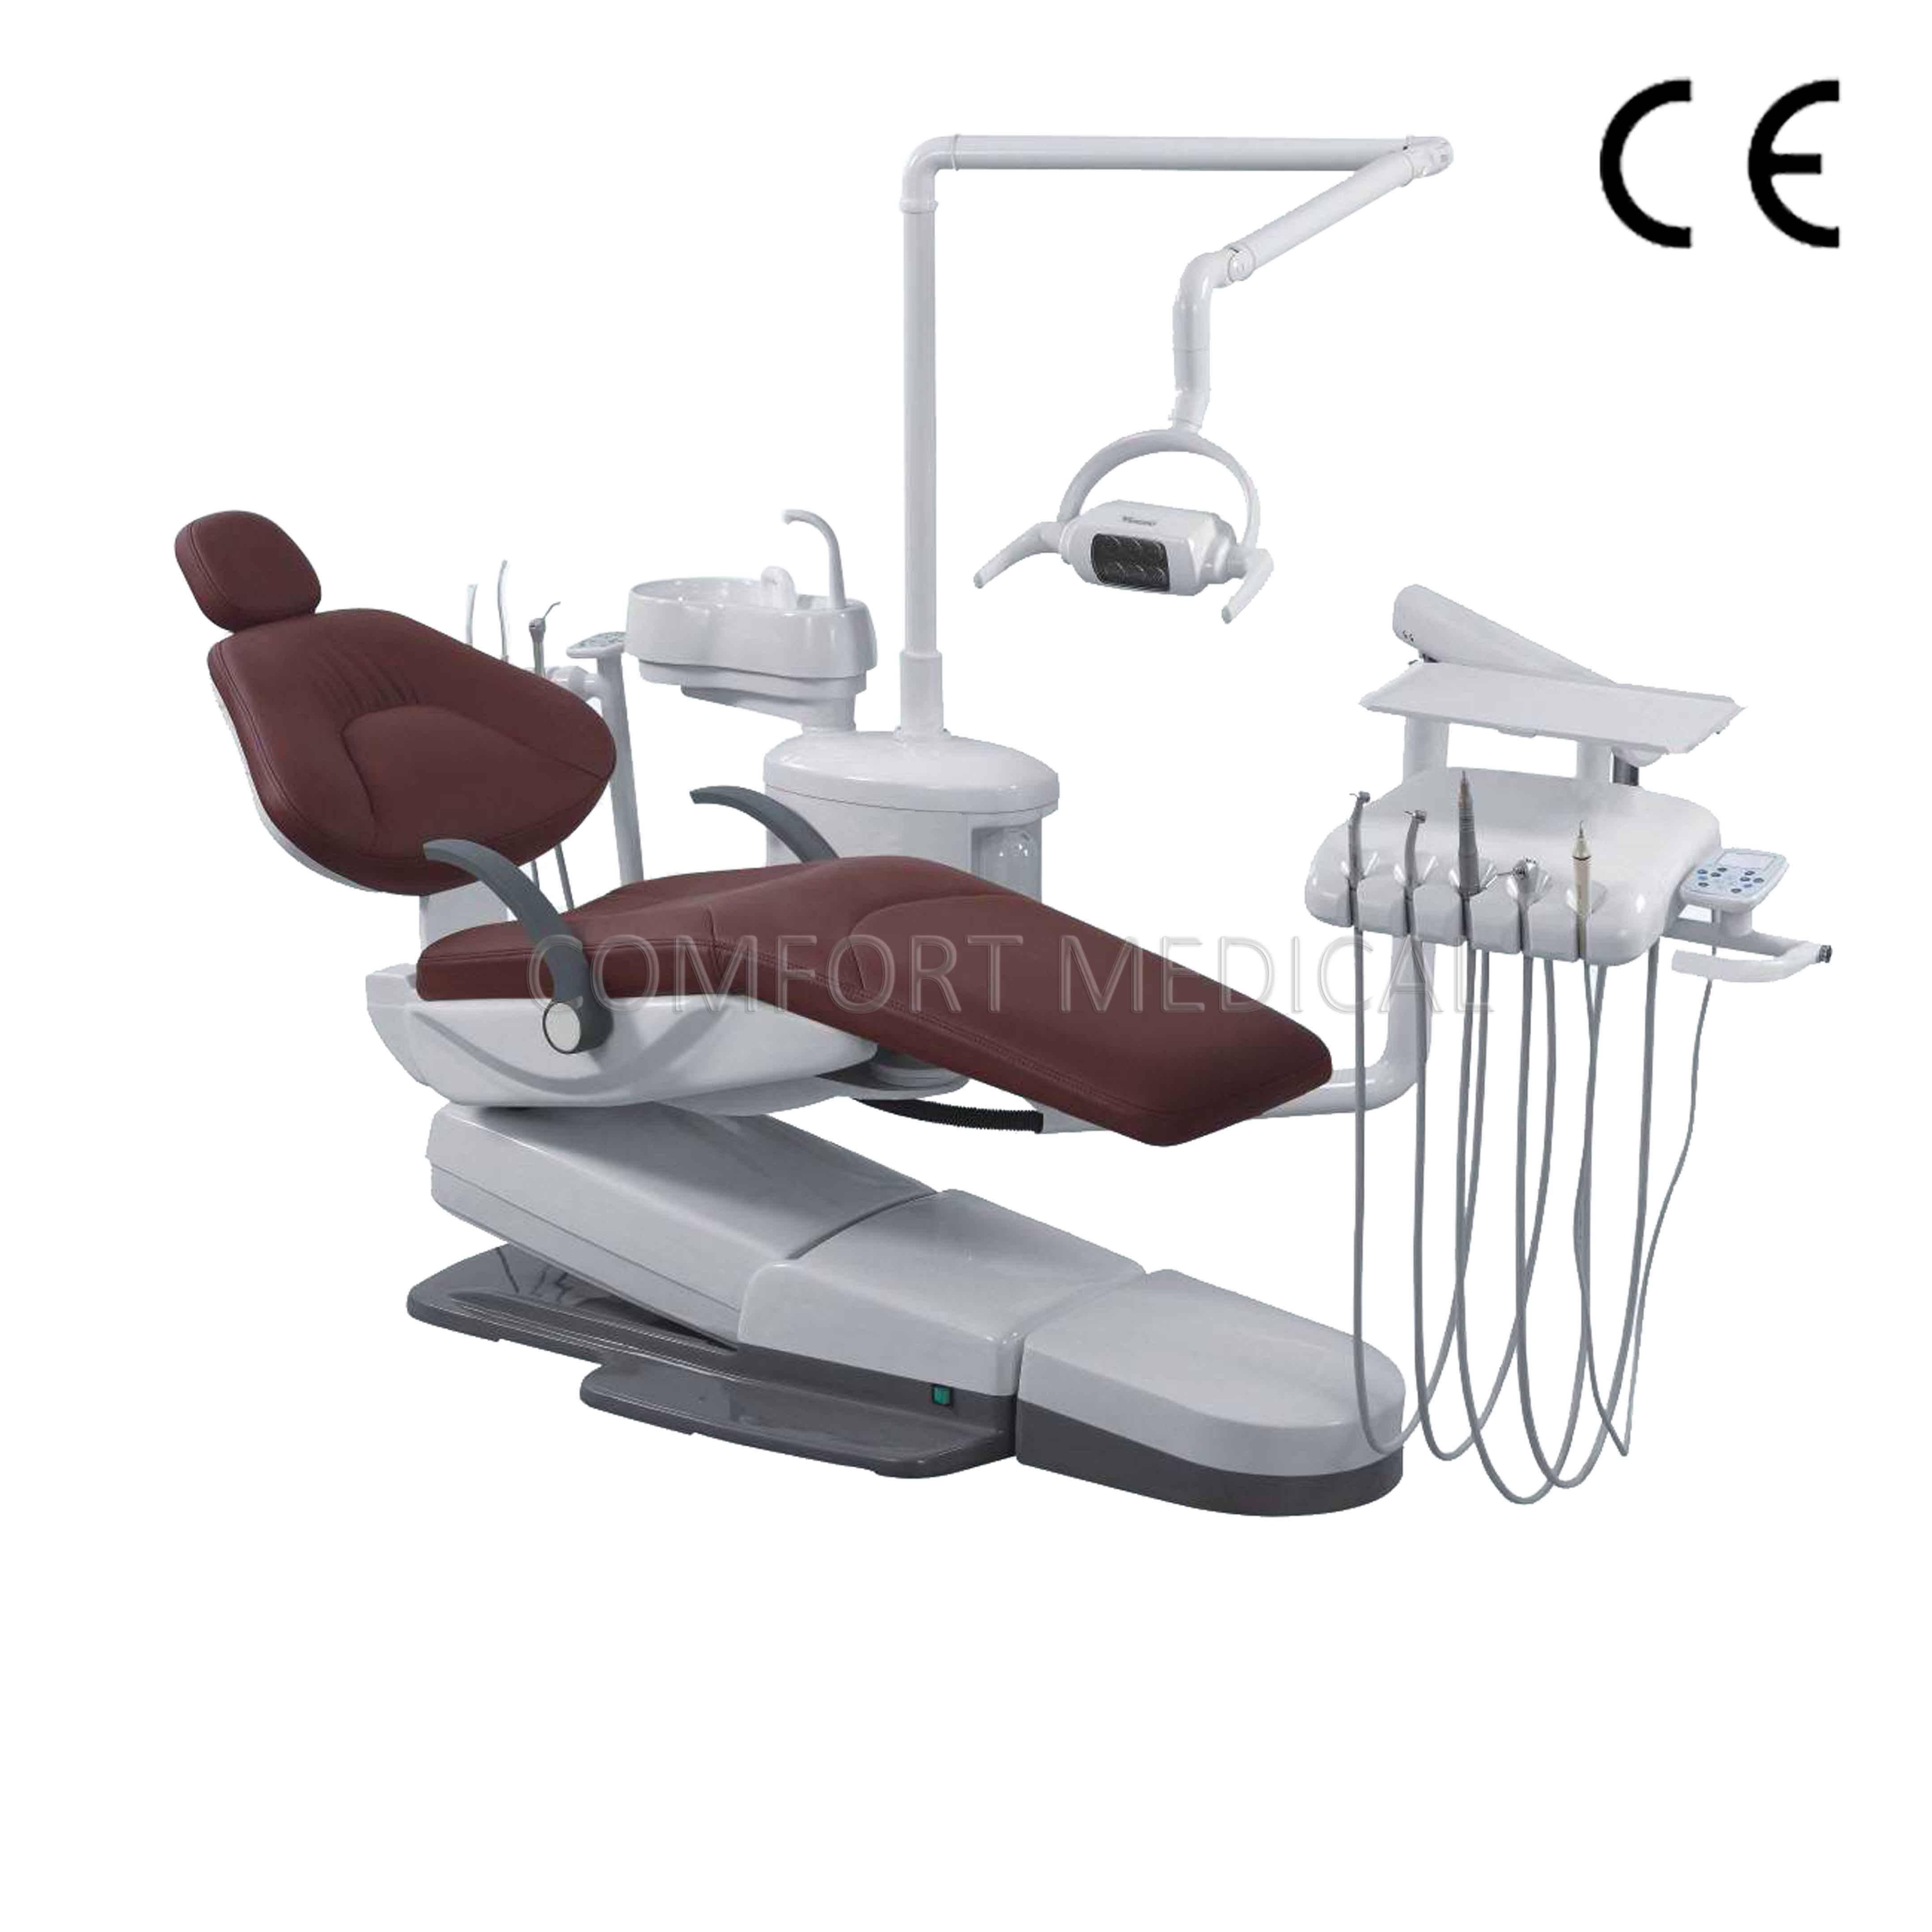 CF-218 luxury dental chair unit